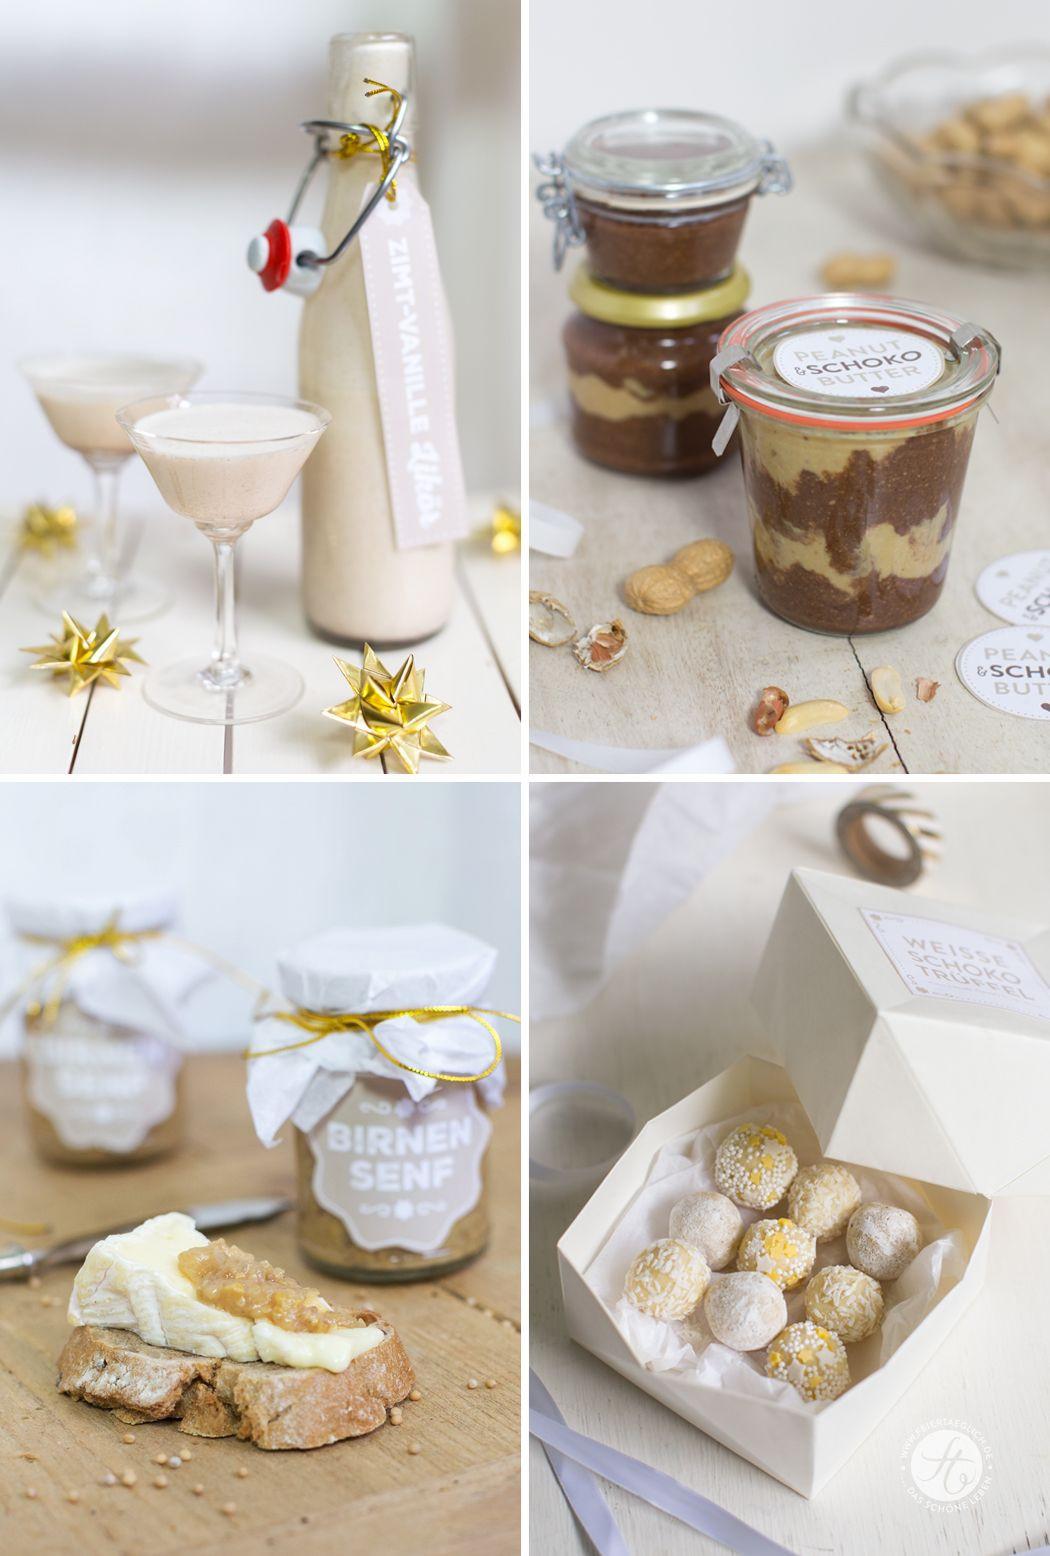 Geschenke Küche  Geschenke aus der Küche Rezepte und Free Printables von